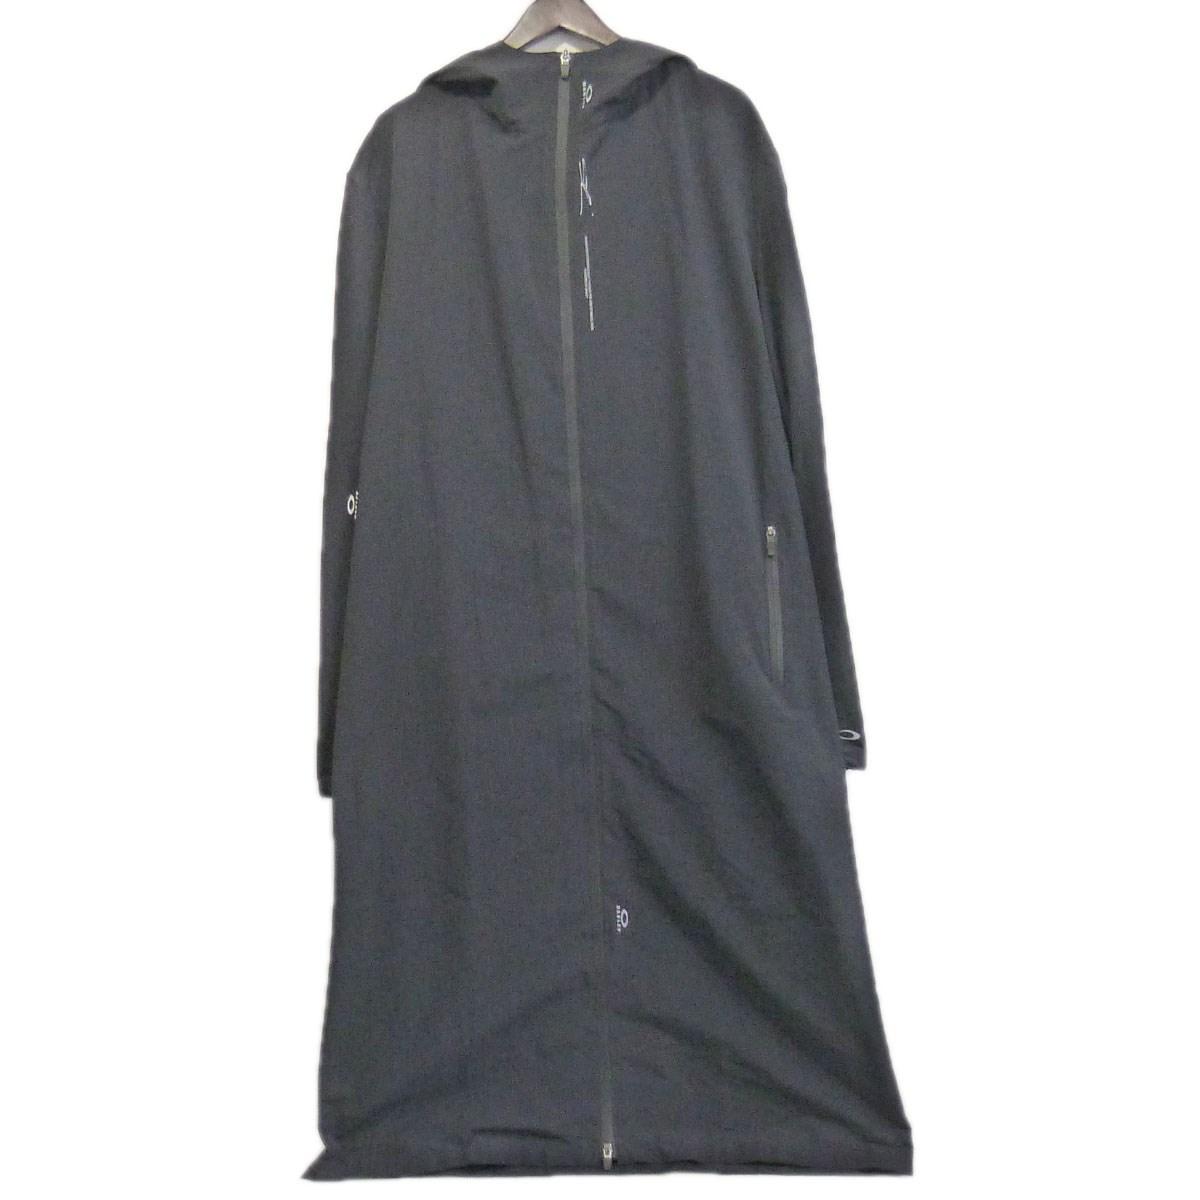 【中古】OAKLEY by samuel ross 「LONG COAT」 フーデッドコート ブラック サイズ:L 【071219】(オークリー バイ サミュエルロス)